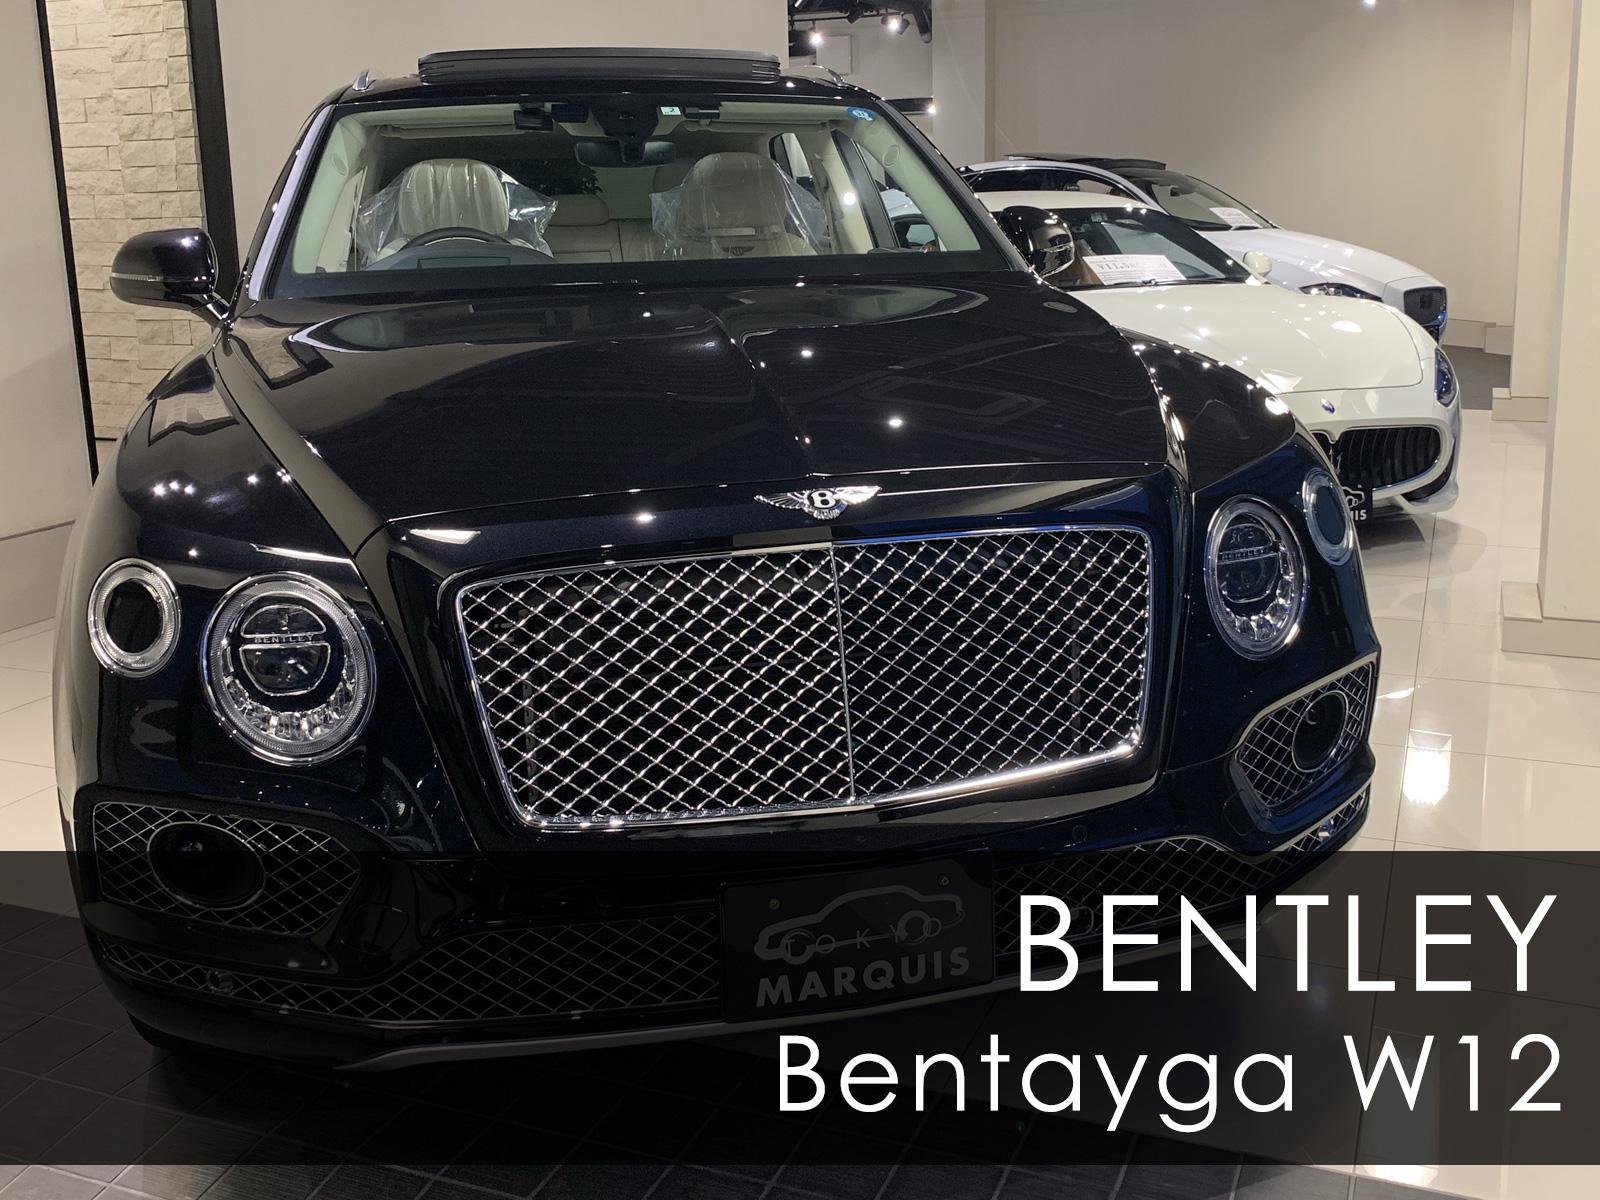 ベントレーSUV ベンテイガ(ベンタイガー)W12 オニキスブラック 購入販売はマーキーズ/東京へ!【中古車情報/価格/即納】